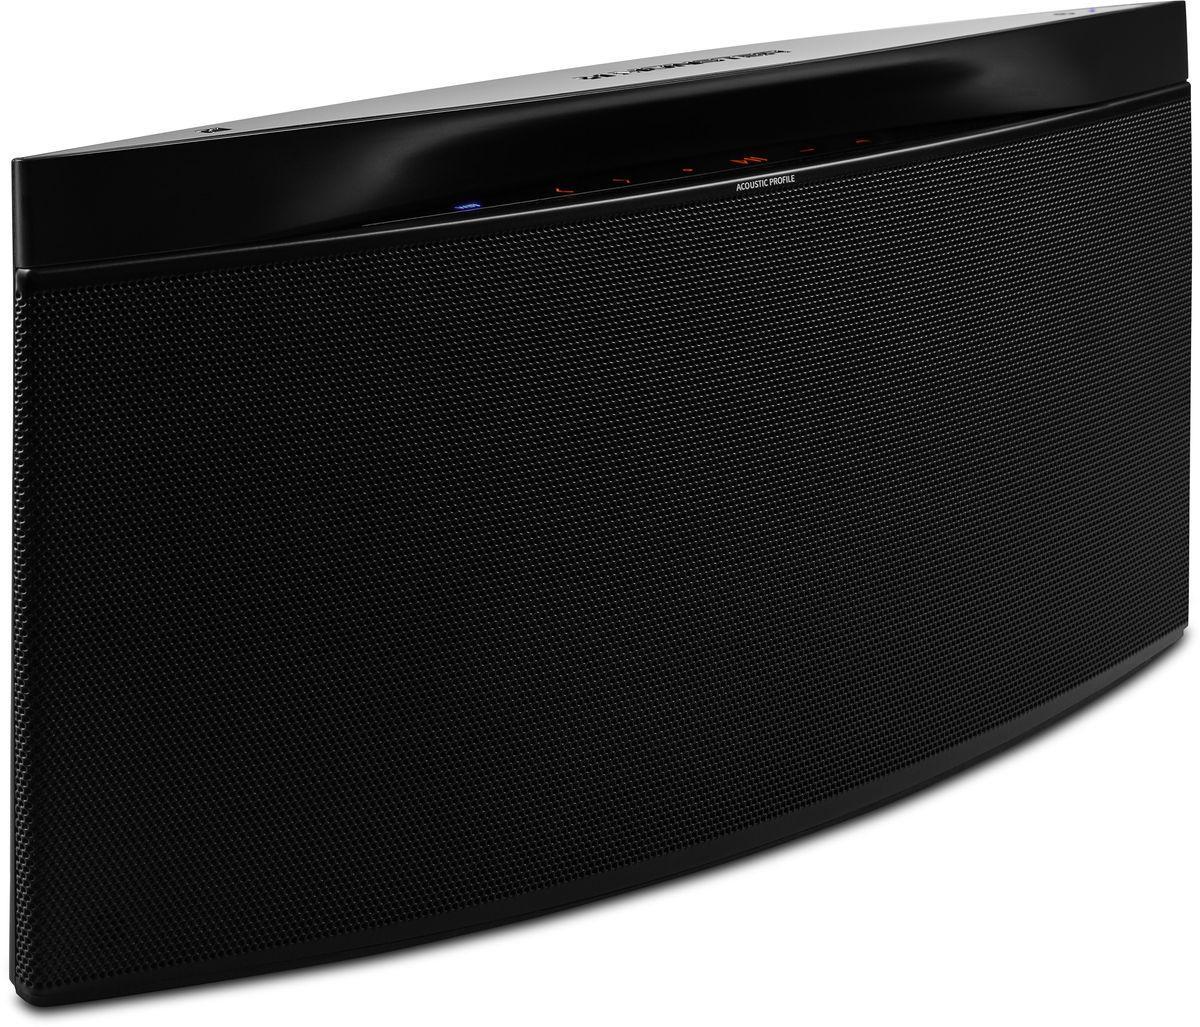 Enceinte sans fil Monster Streamcast S2  - Bluetooth, Wifi, NFC, Multiroom, Services de musique en ligne